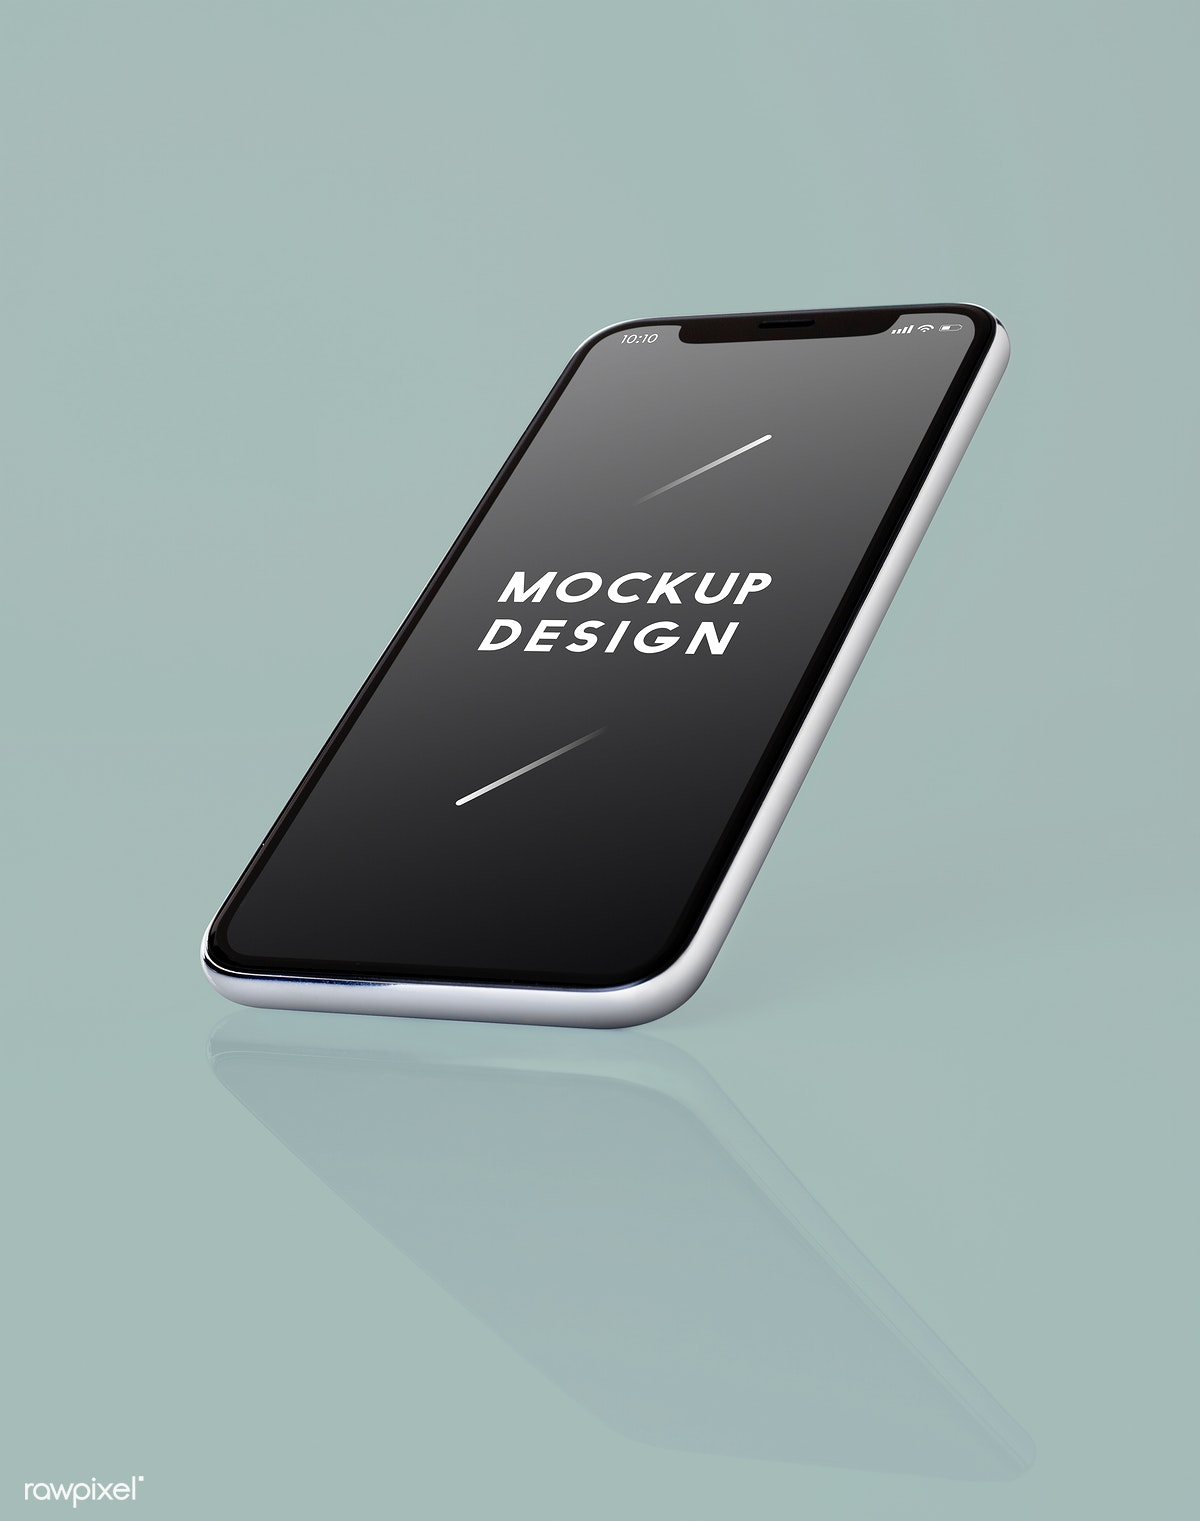 Download premium psd of Full screen smartphone mockup design 524144